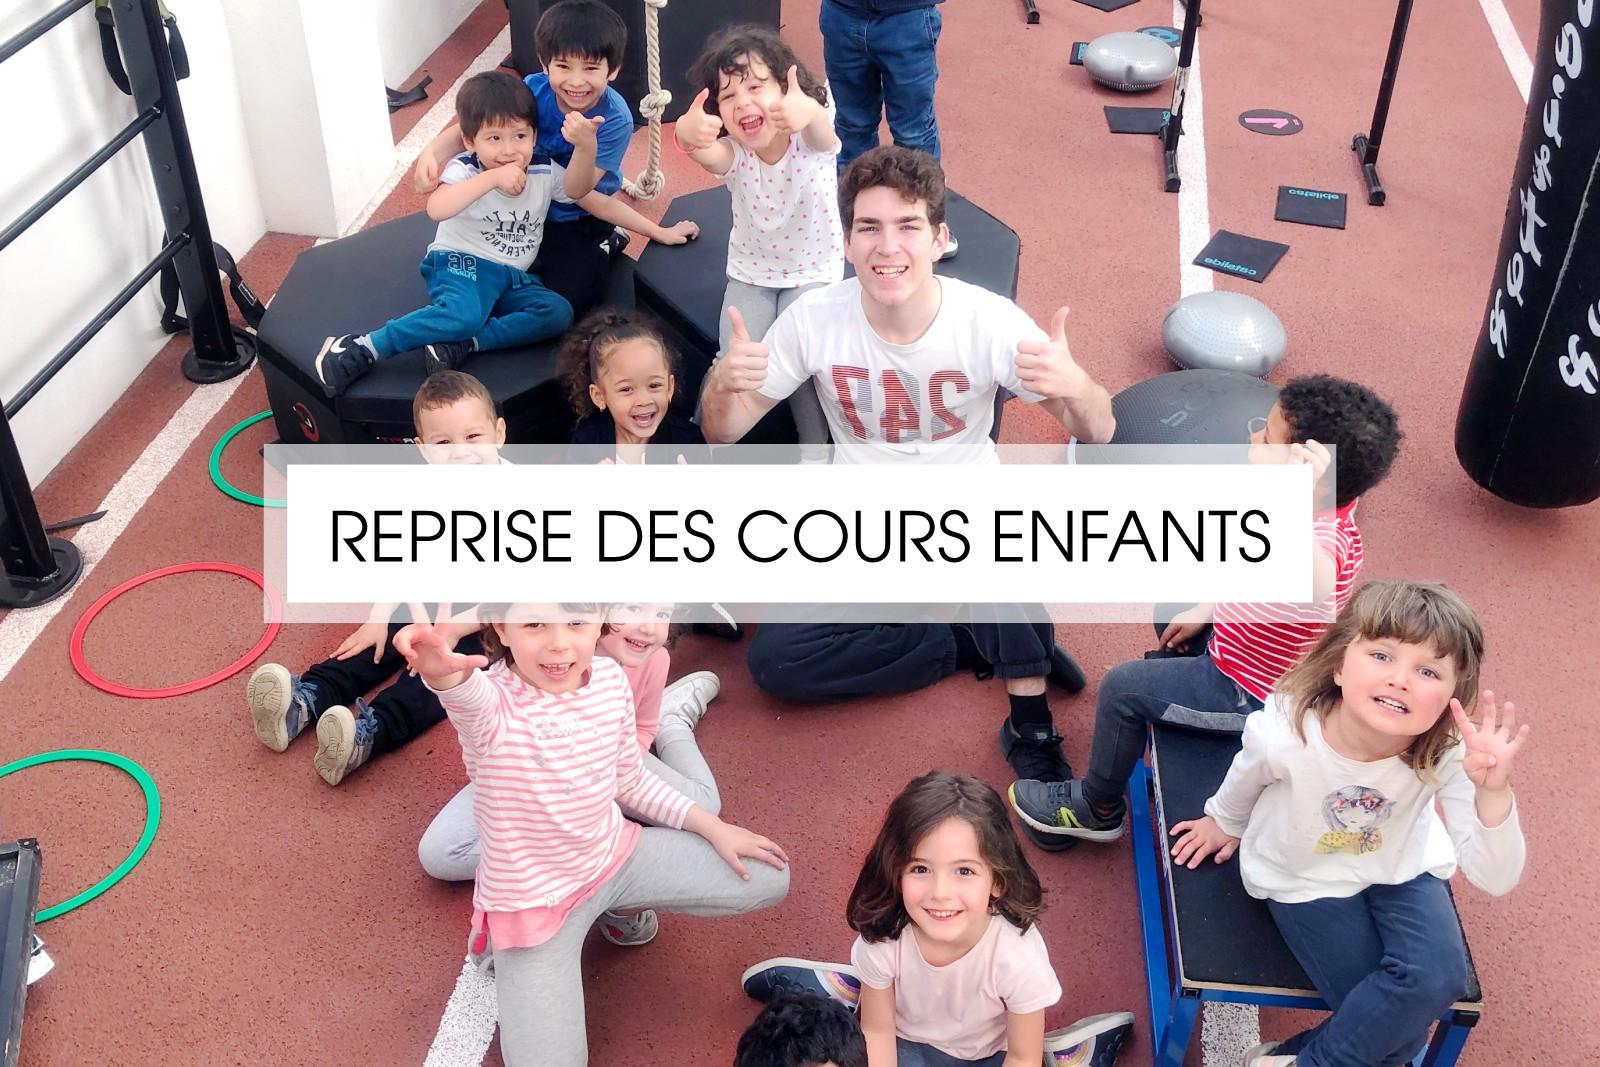 REPRISE DES COURS ENFANTS DÈS LE 15 DÉCEMBRE